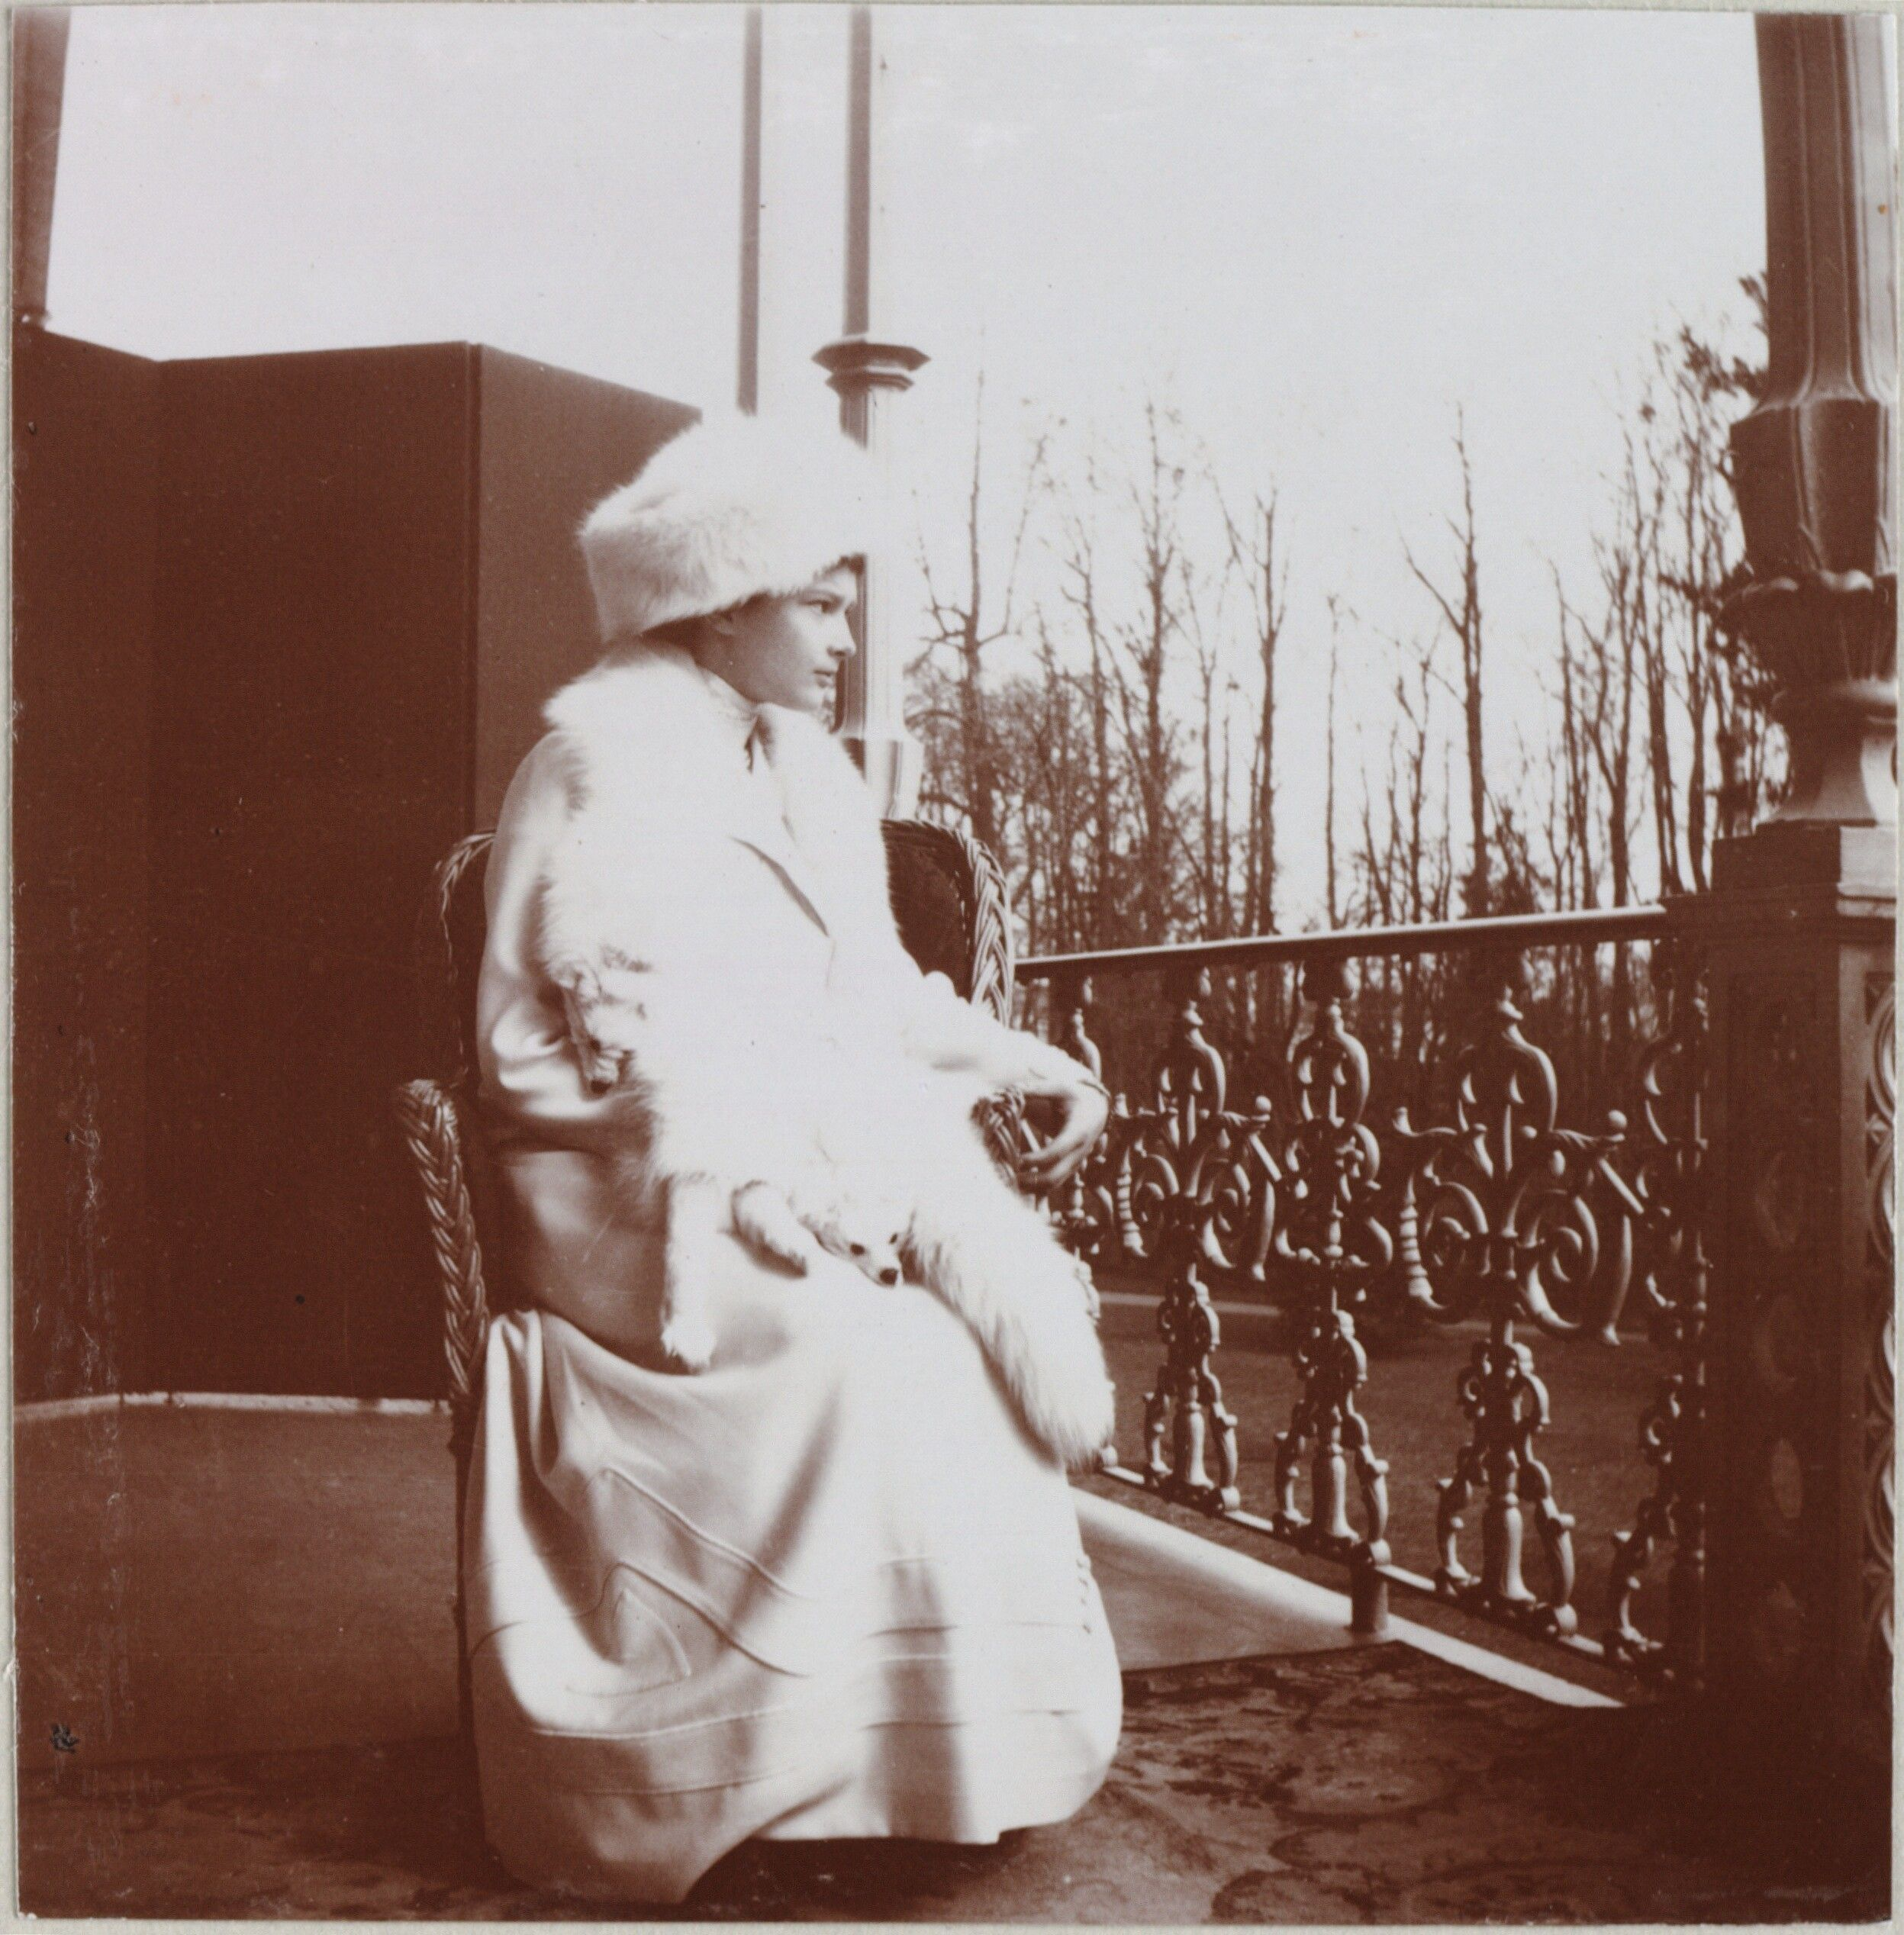 Tsarskoe Selo, Palácio de Alexandre, inverno 1912-1913: Grã-duquesa Tatiana sentada na varanda da Imperatriz.